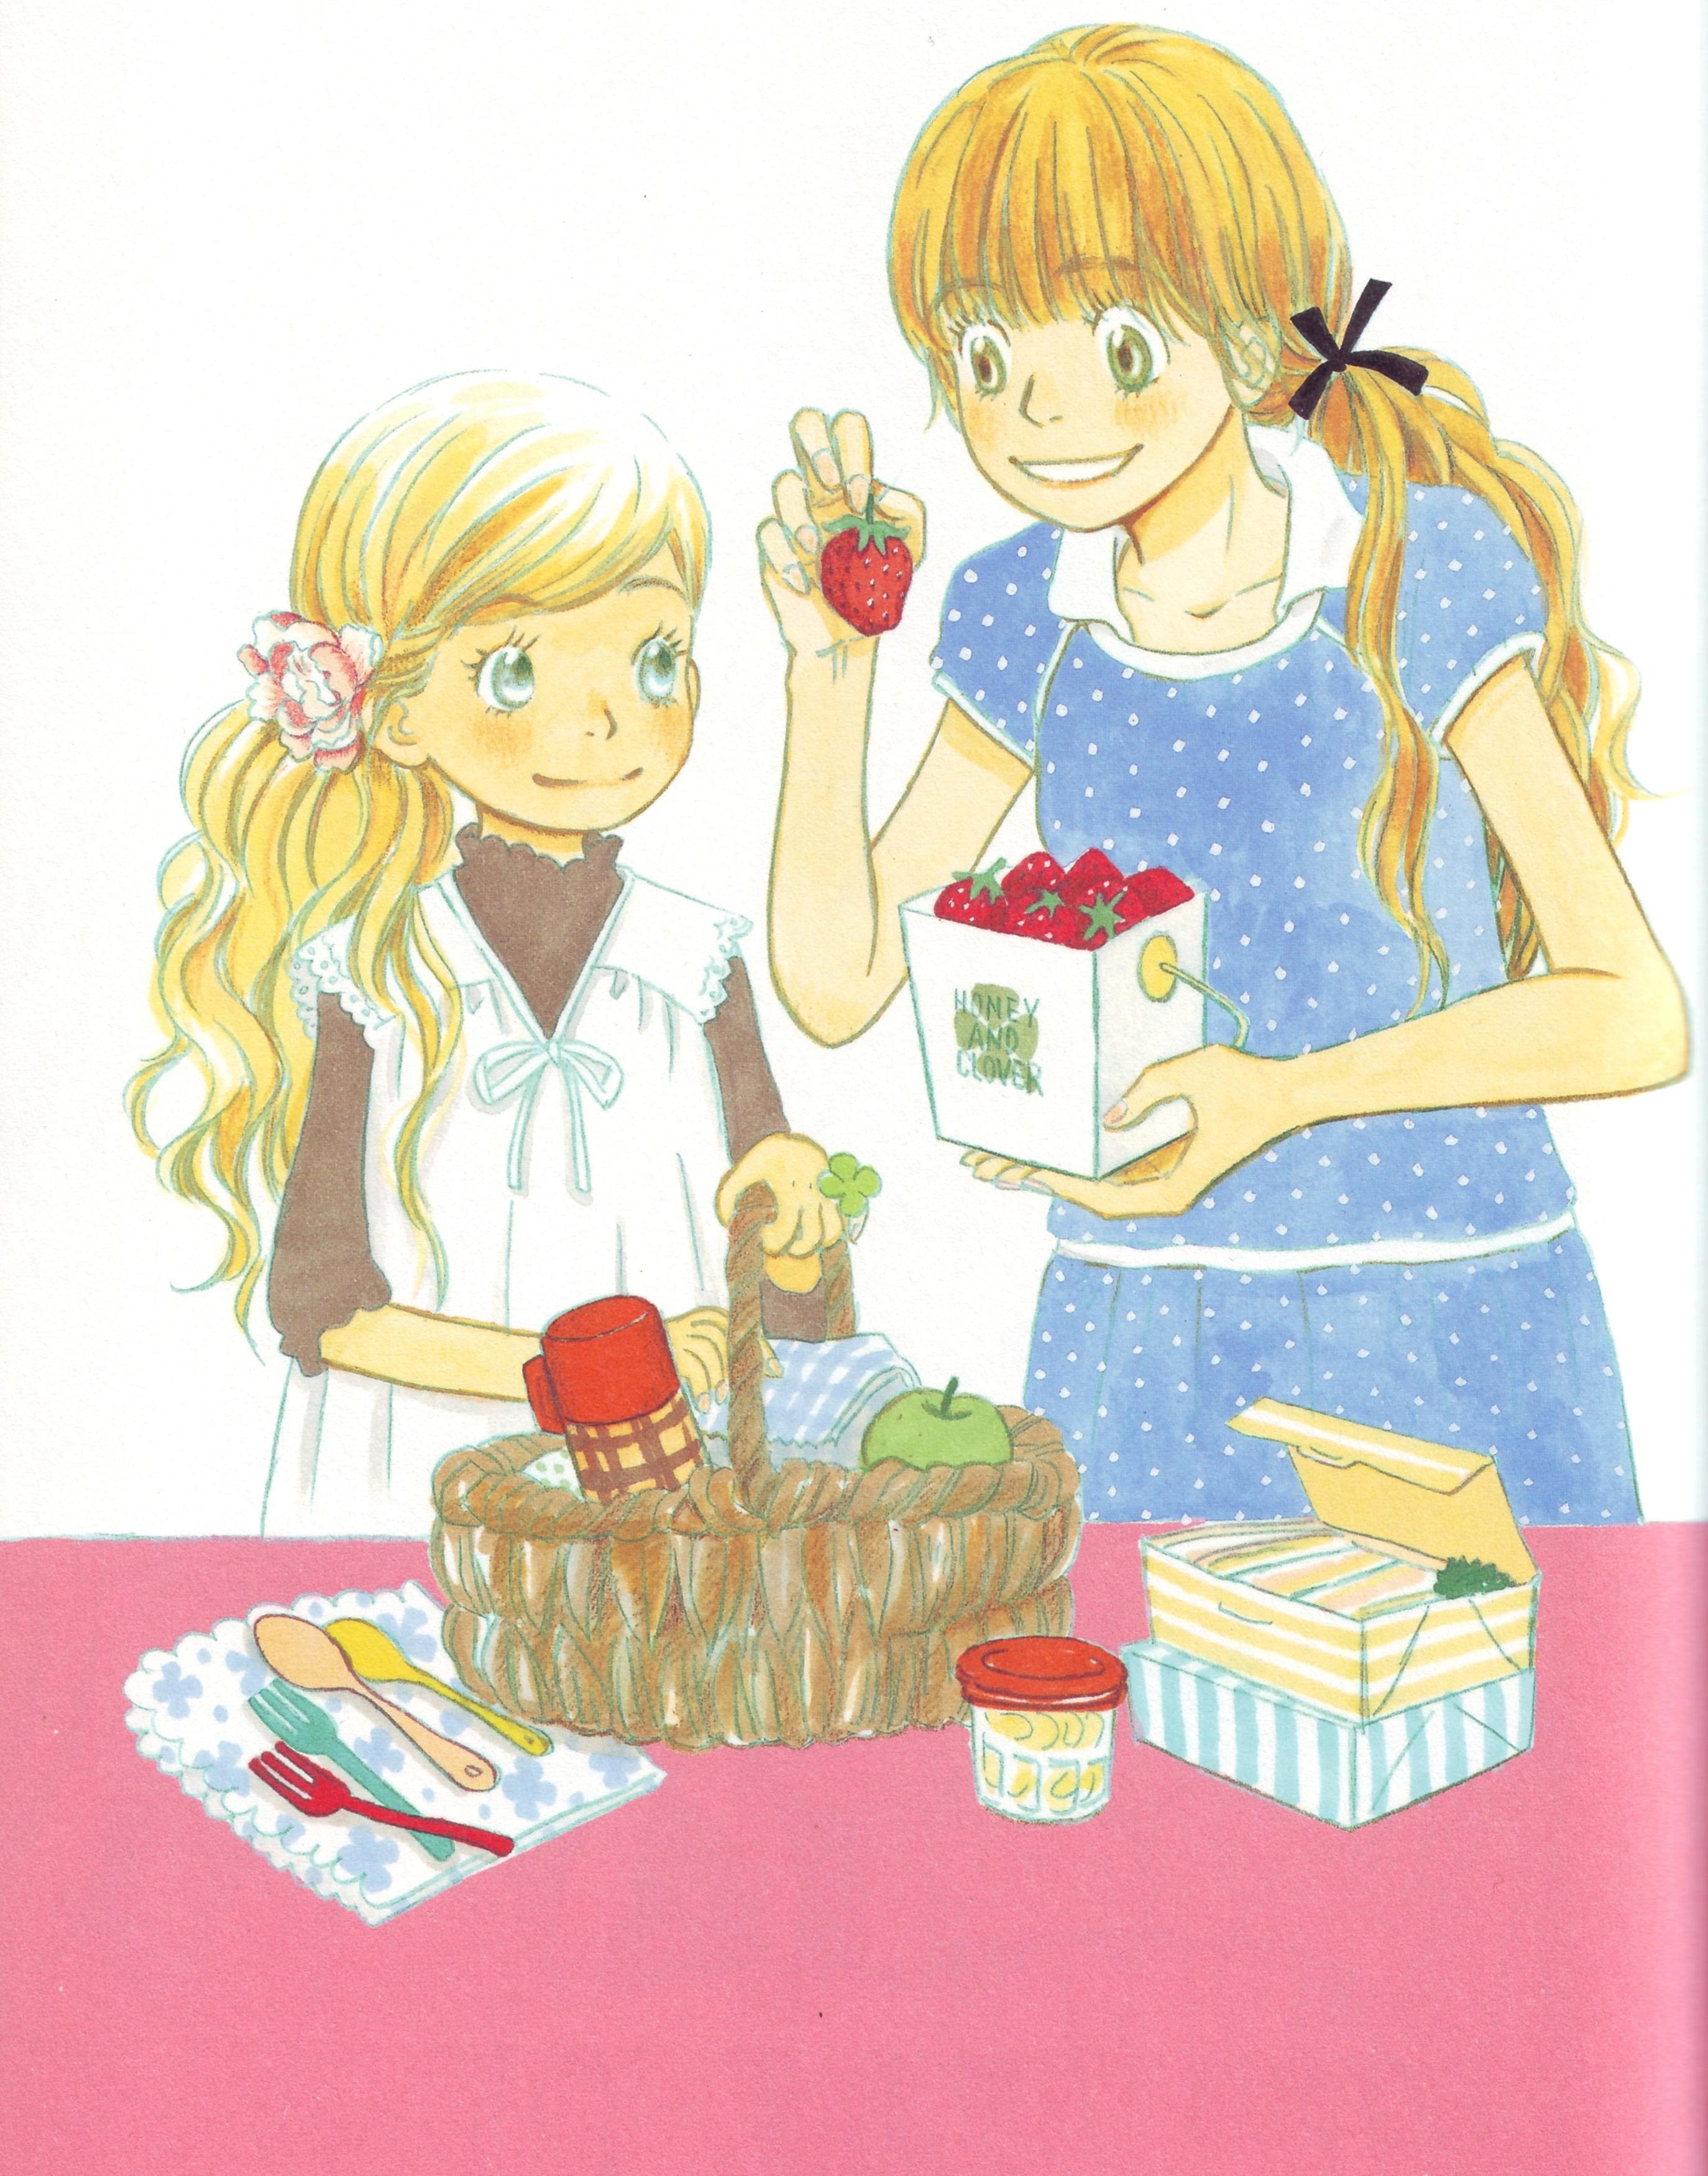 ハチミツとクローバー[羽海野チカ]漫画全巻の無料 …